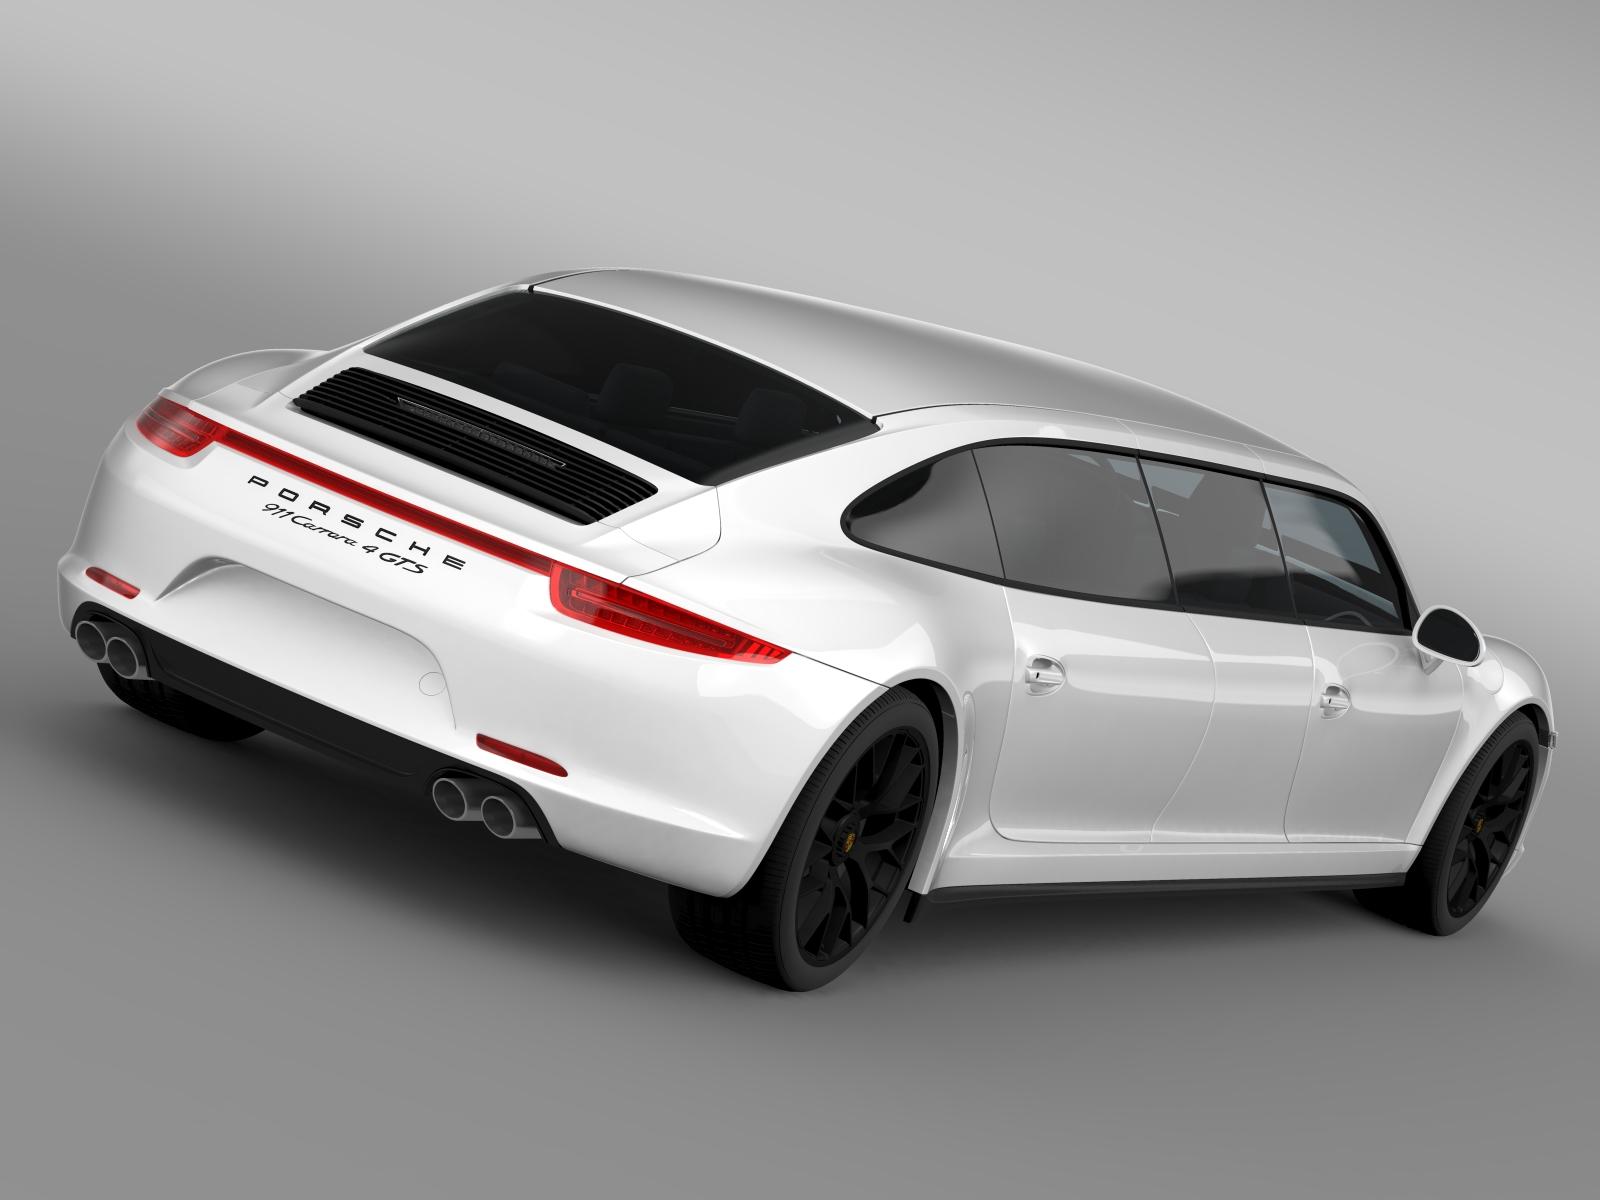 porsche 911 carrera 4 gts limousine 2016 3d model buy porsche 911 carrera 4 gts limousine 2016. Black Bedroom Furniture Sets. Home Design Ideas